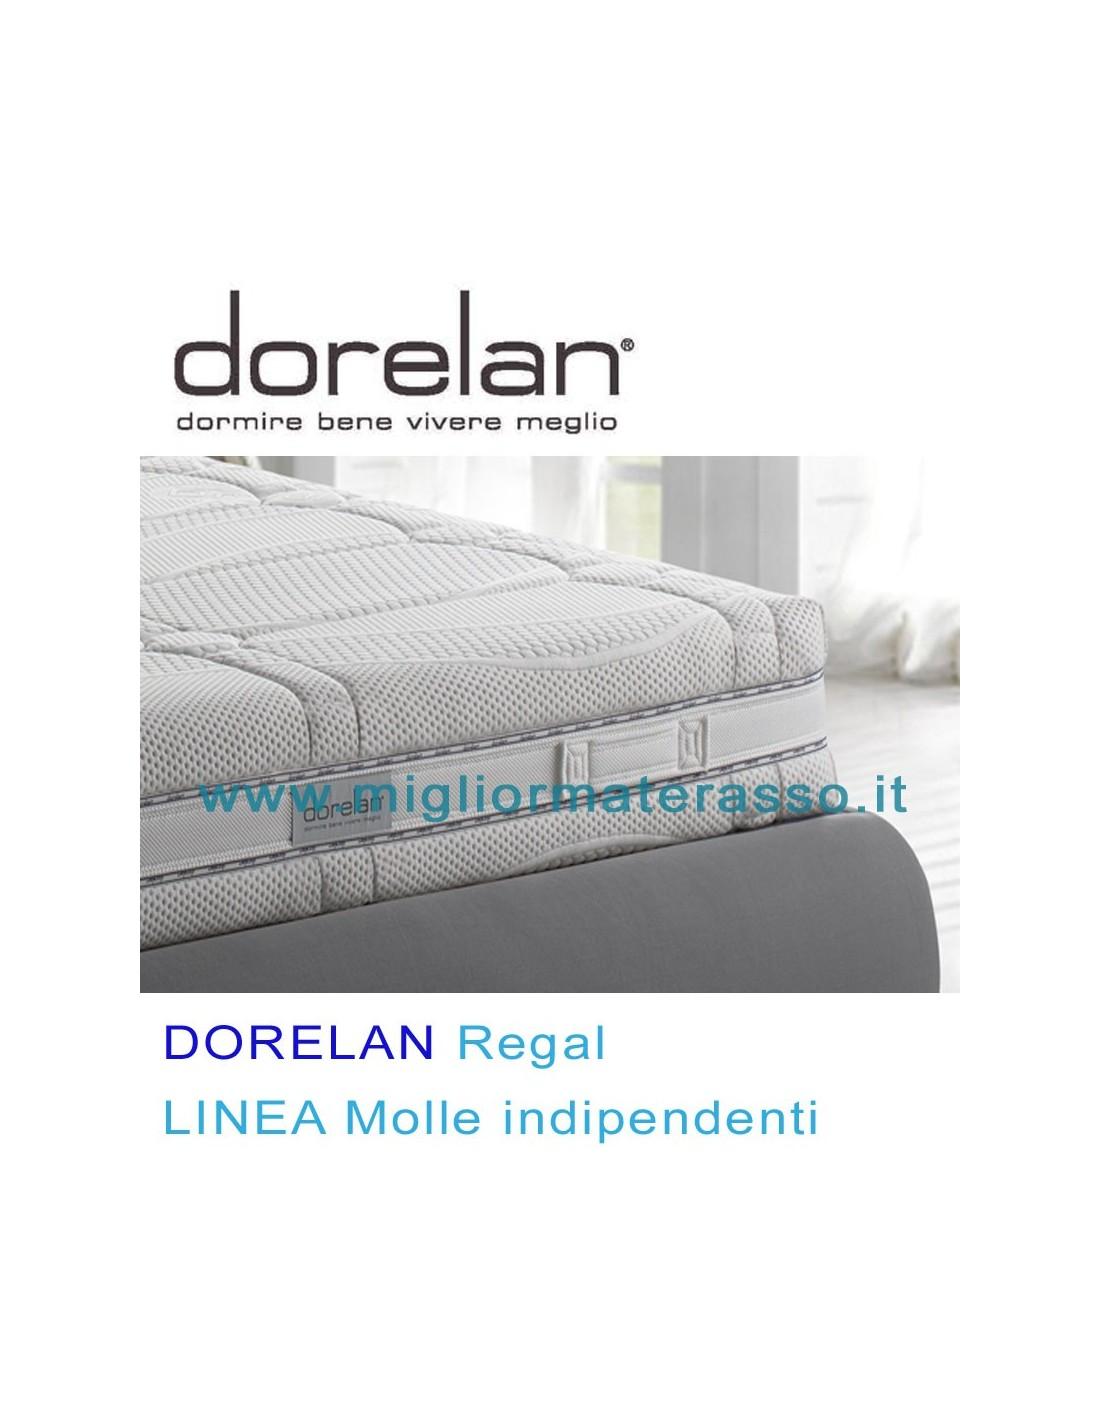 Dorelan Regal a molle insacchettate tra i migliori materassi Dorelan